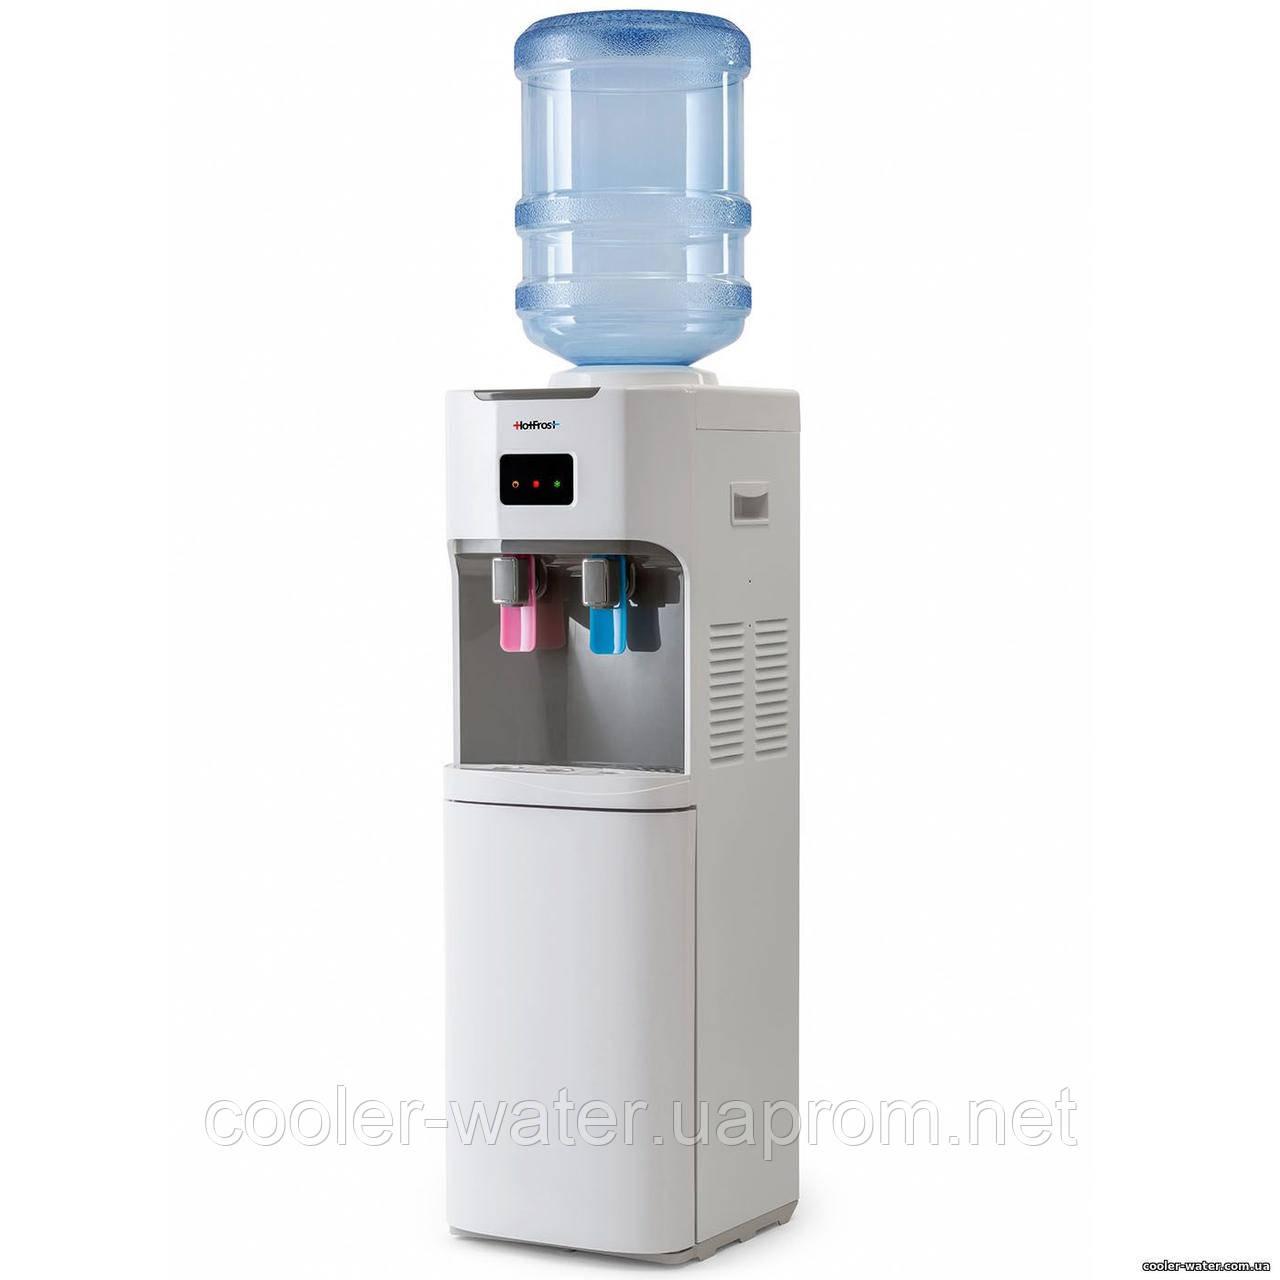 Кулер для воды с холодильником HotFrost V115B White